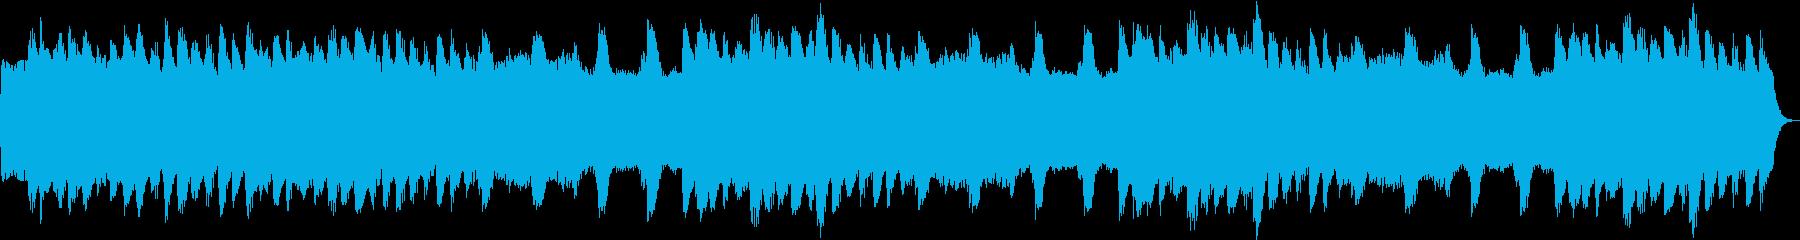 小鳥のさえずりとヒーリング音楽の再生済みの波形